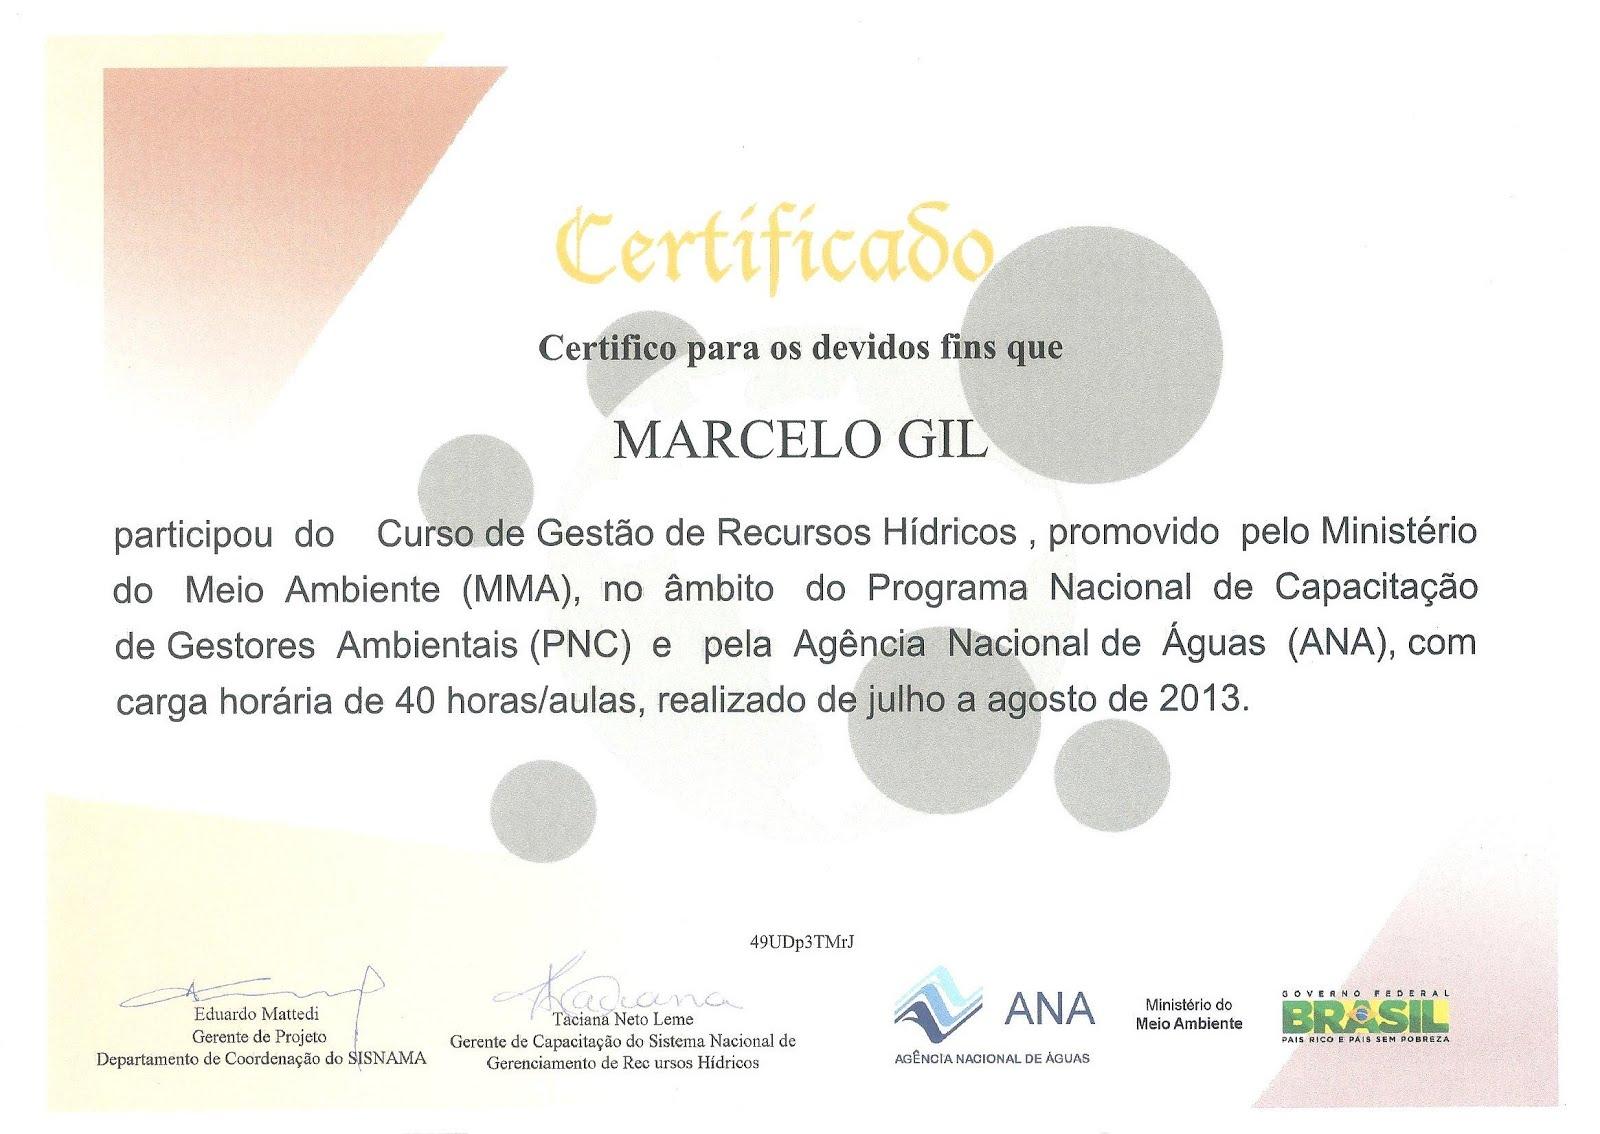 CERTIFICADO CONCEDIDO PELO MINISTÉRIO DO MEIO AMBIENTE À MARCELO GIL / 2013